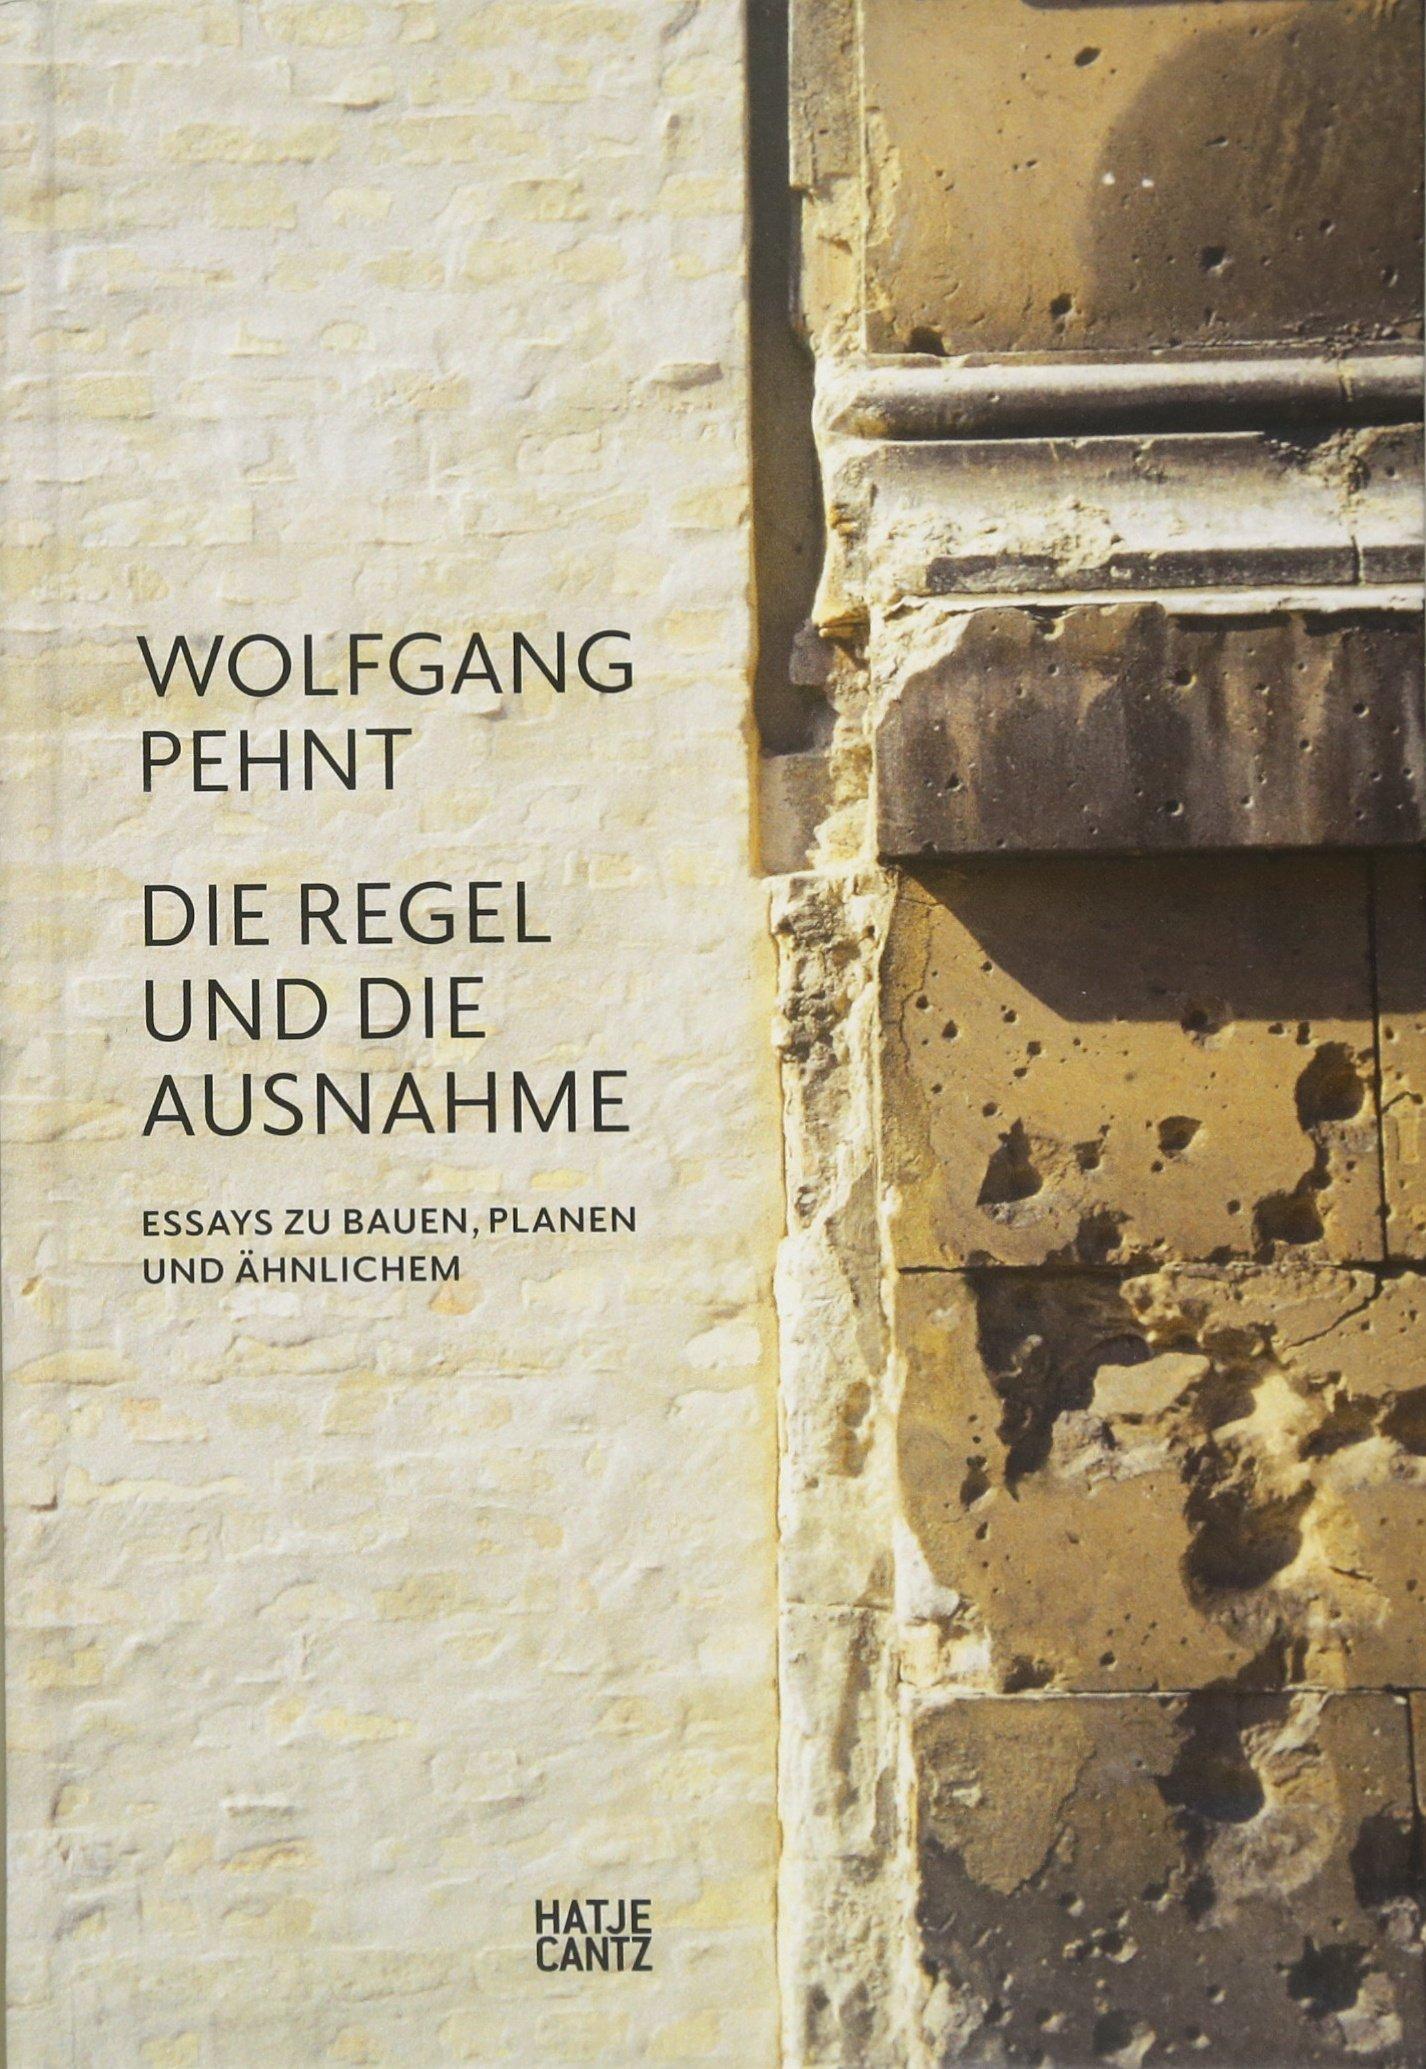 Wolfgang Pehnt: Die Regel und die Ausnahme. Essays zu Bauen, Planen und Ähnlichem